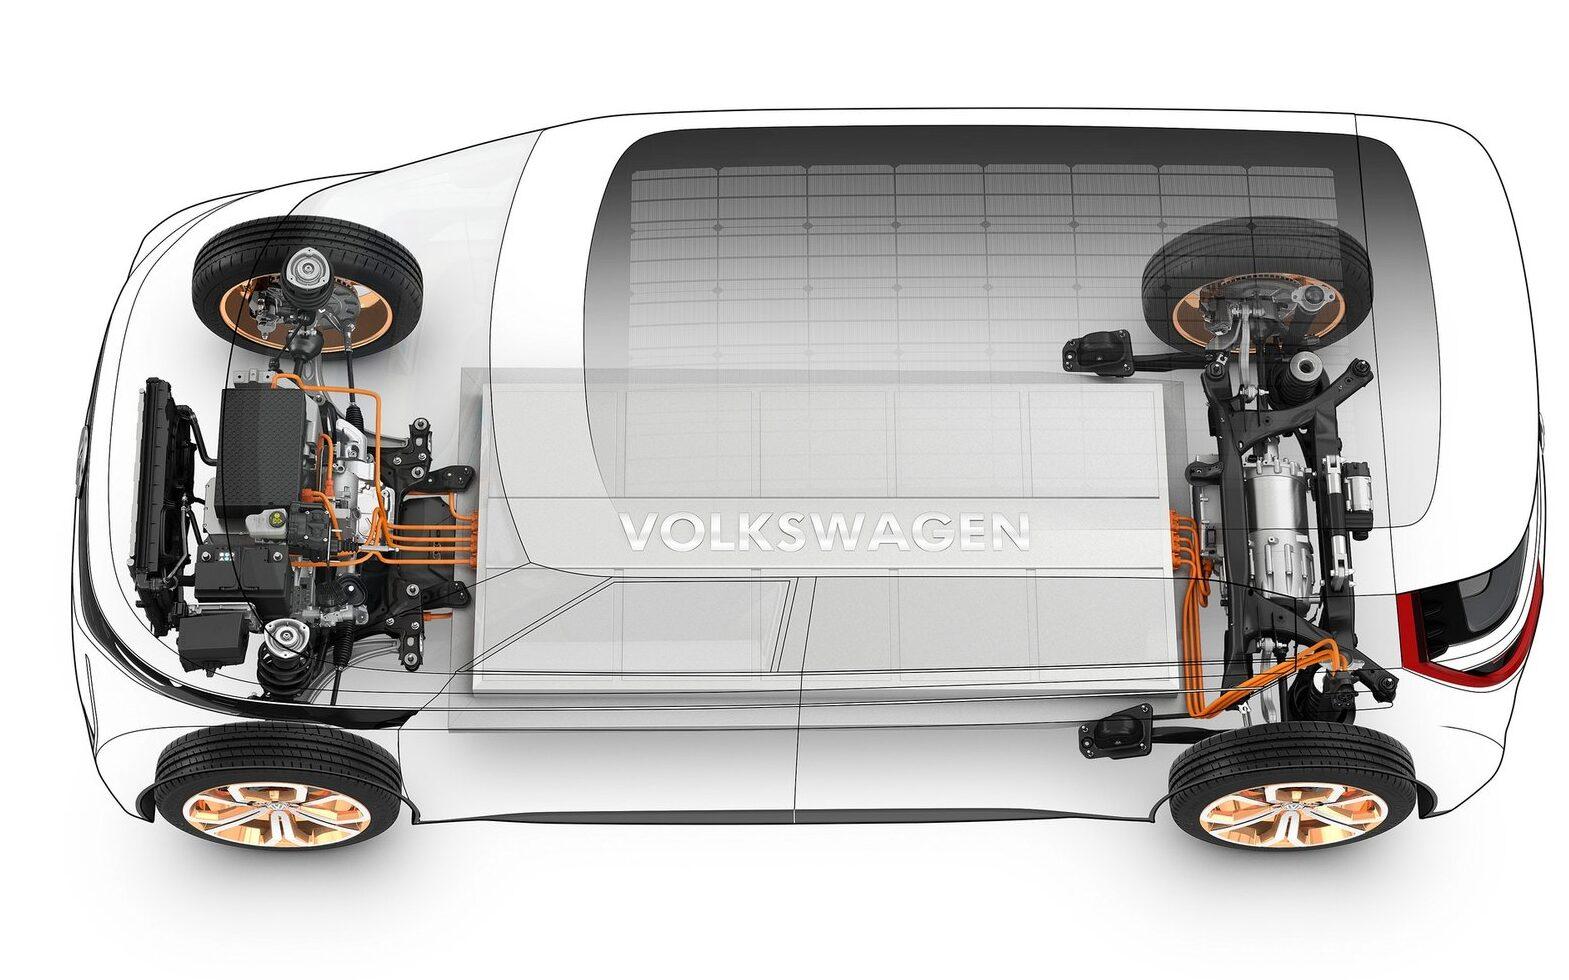 Volkswagen Budd-E conceptVolkswagen Budd-E concept cutaway